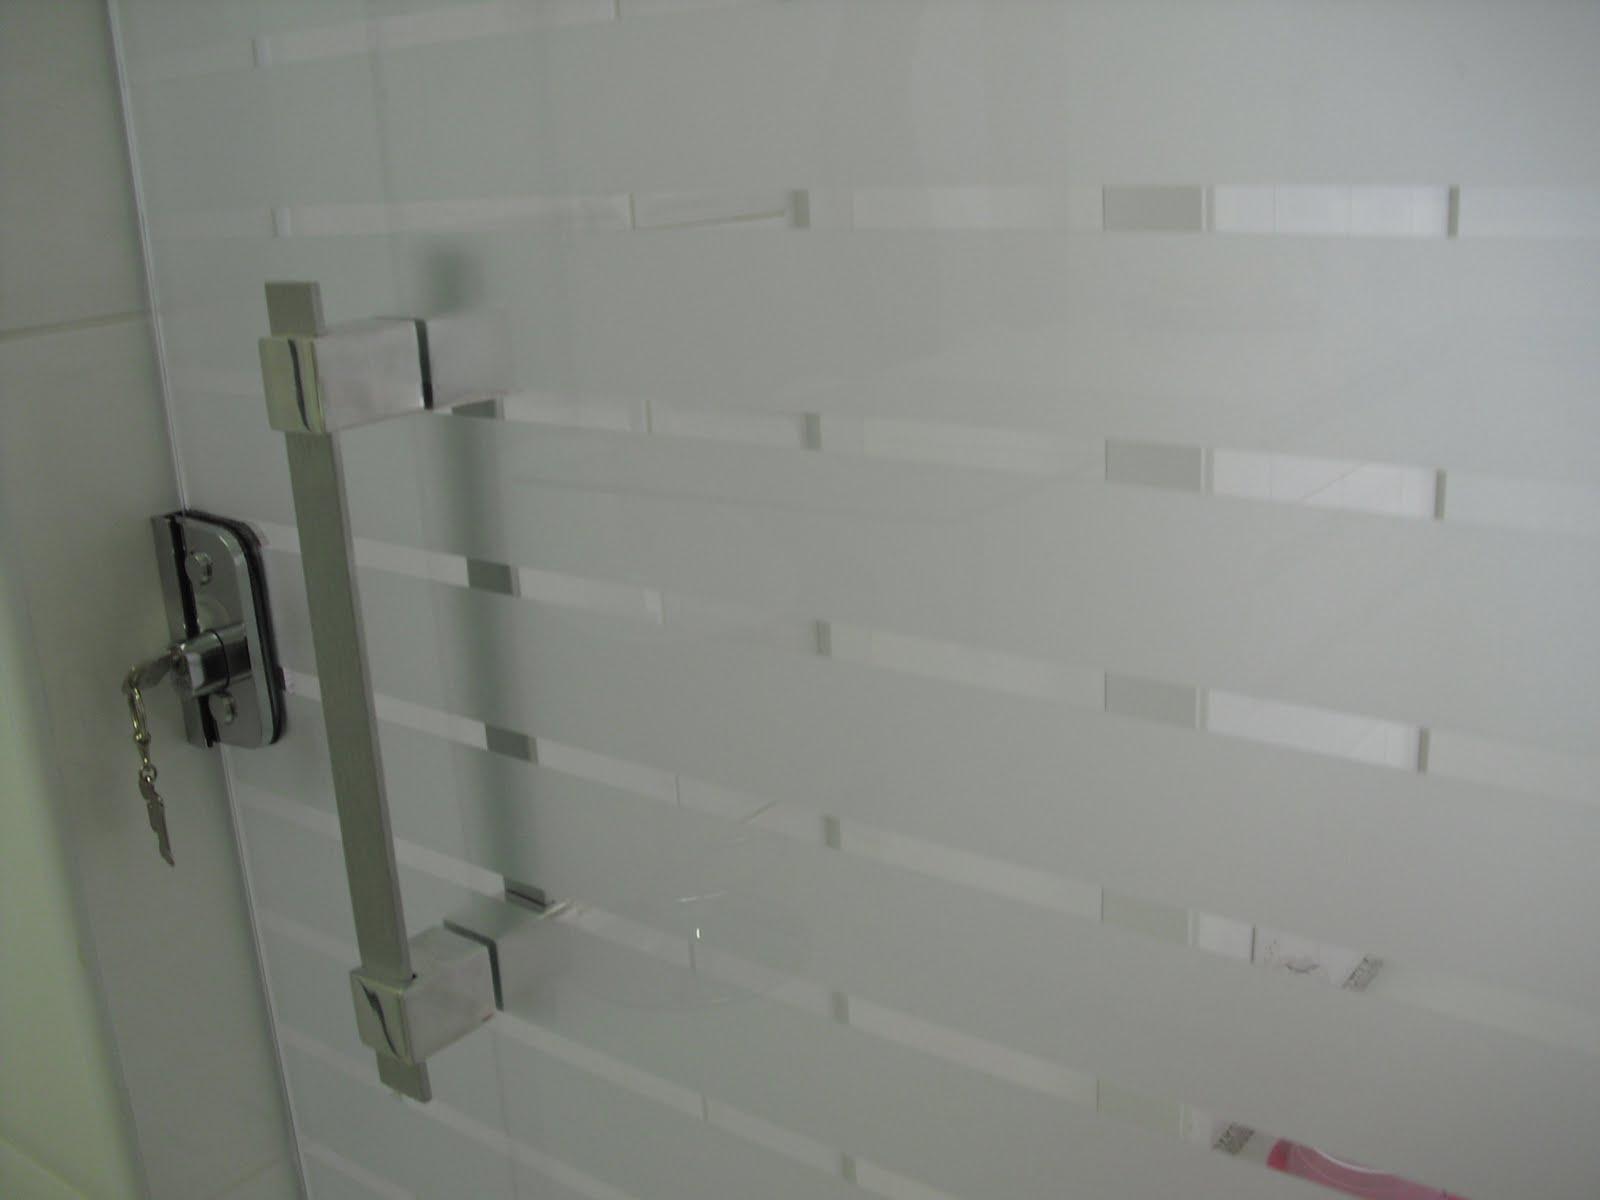 #6B444B Porta da lavanderia: Tipos de Vidro Dicas do Novo Apê 1600x1200 px porta para banheiro de vidro jateado